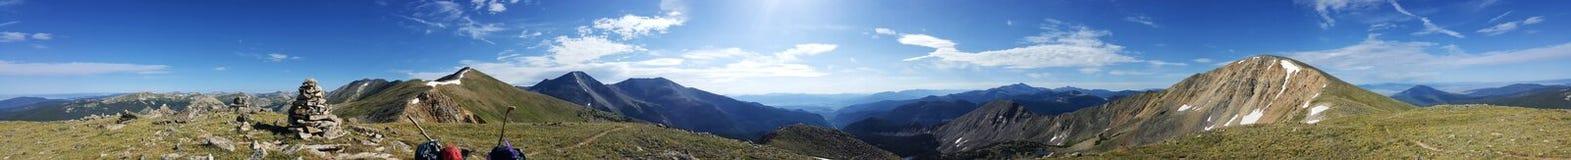 Ландшафт горы Колорадо стоковая фотография rf